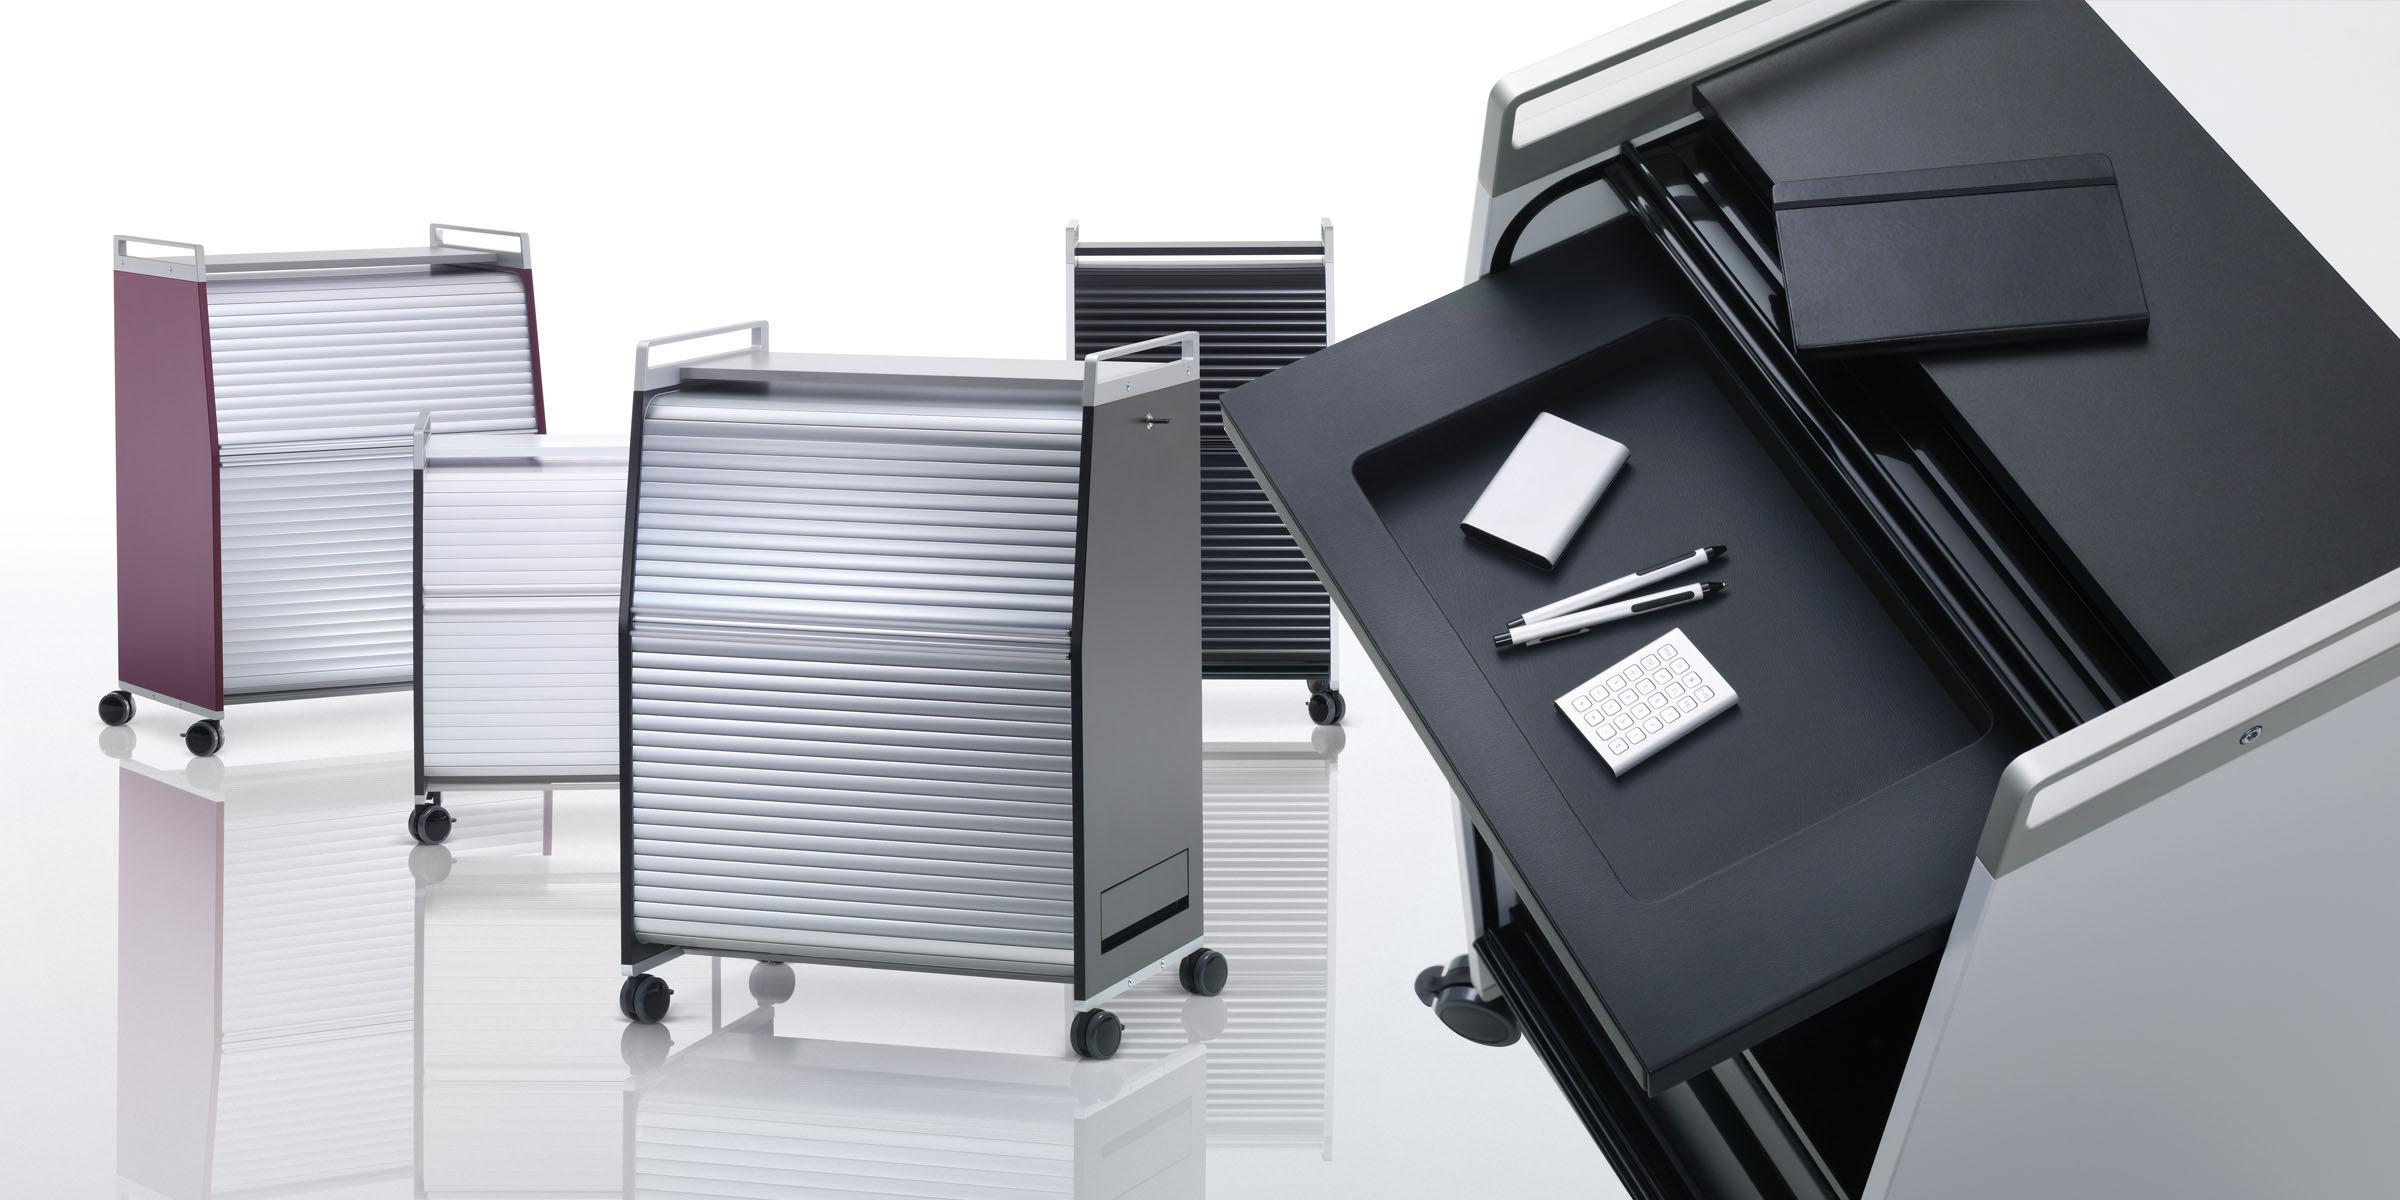 blaha buero office stauraum systeme organisation containersystem spacer ordnung